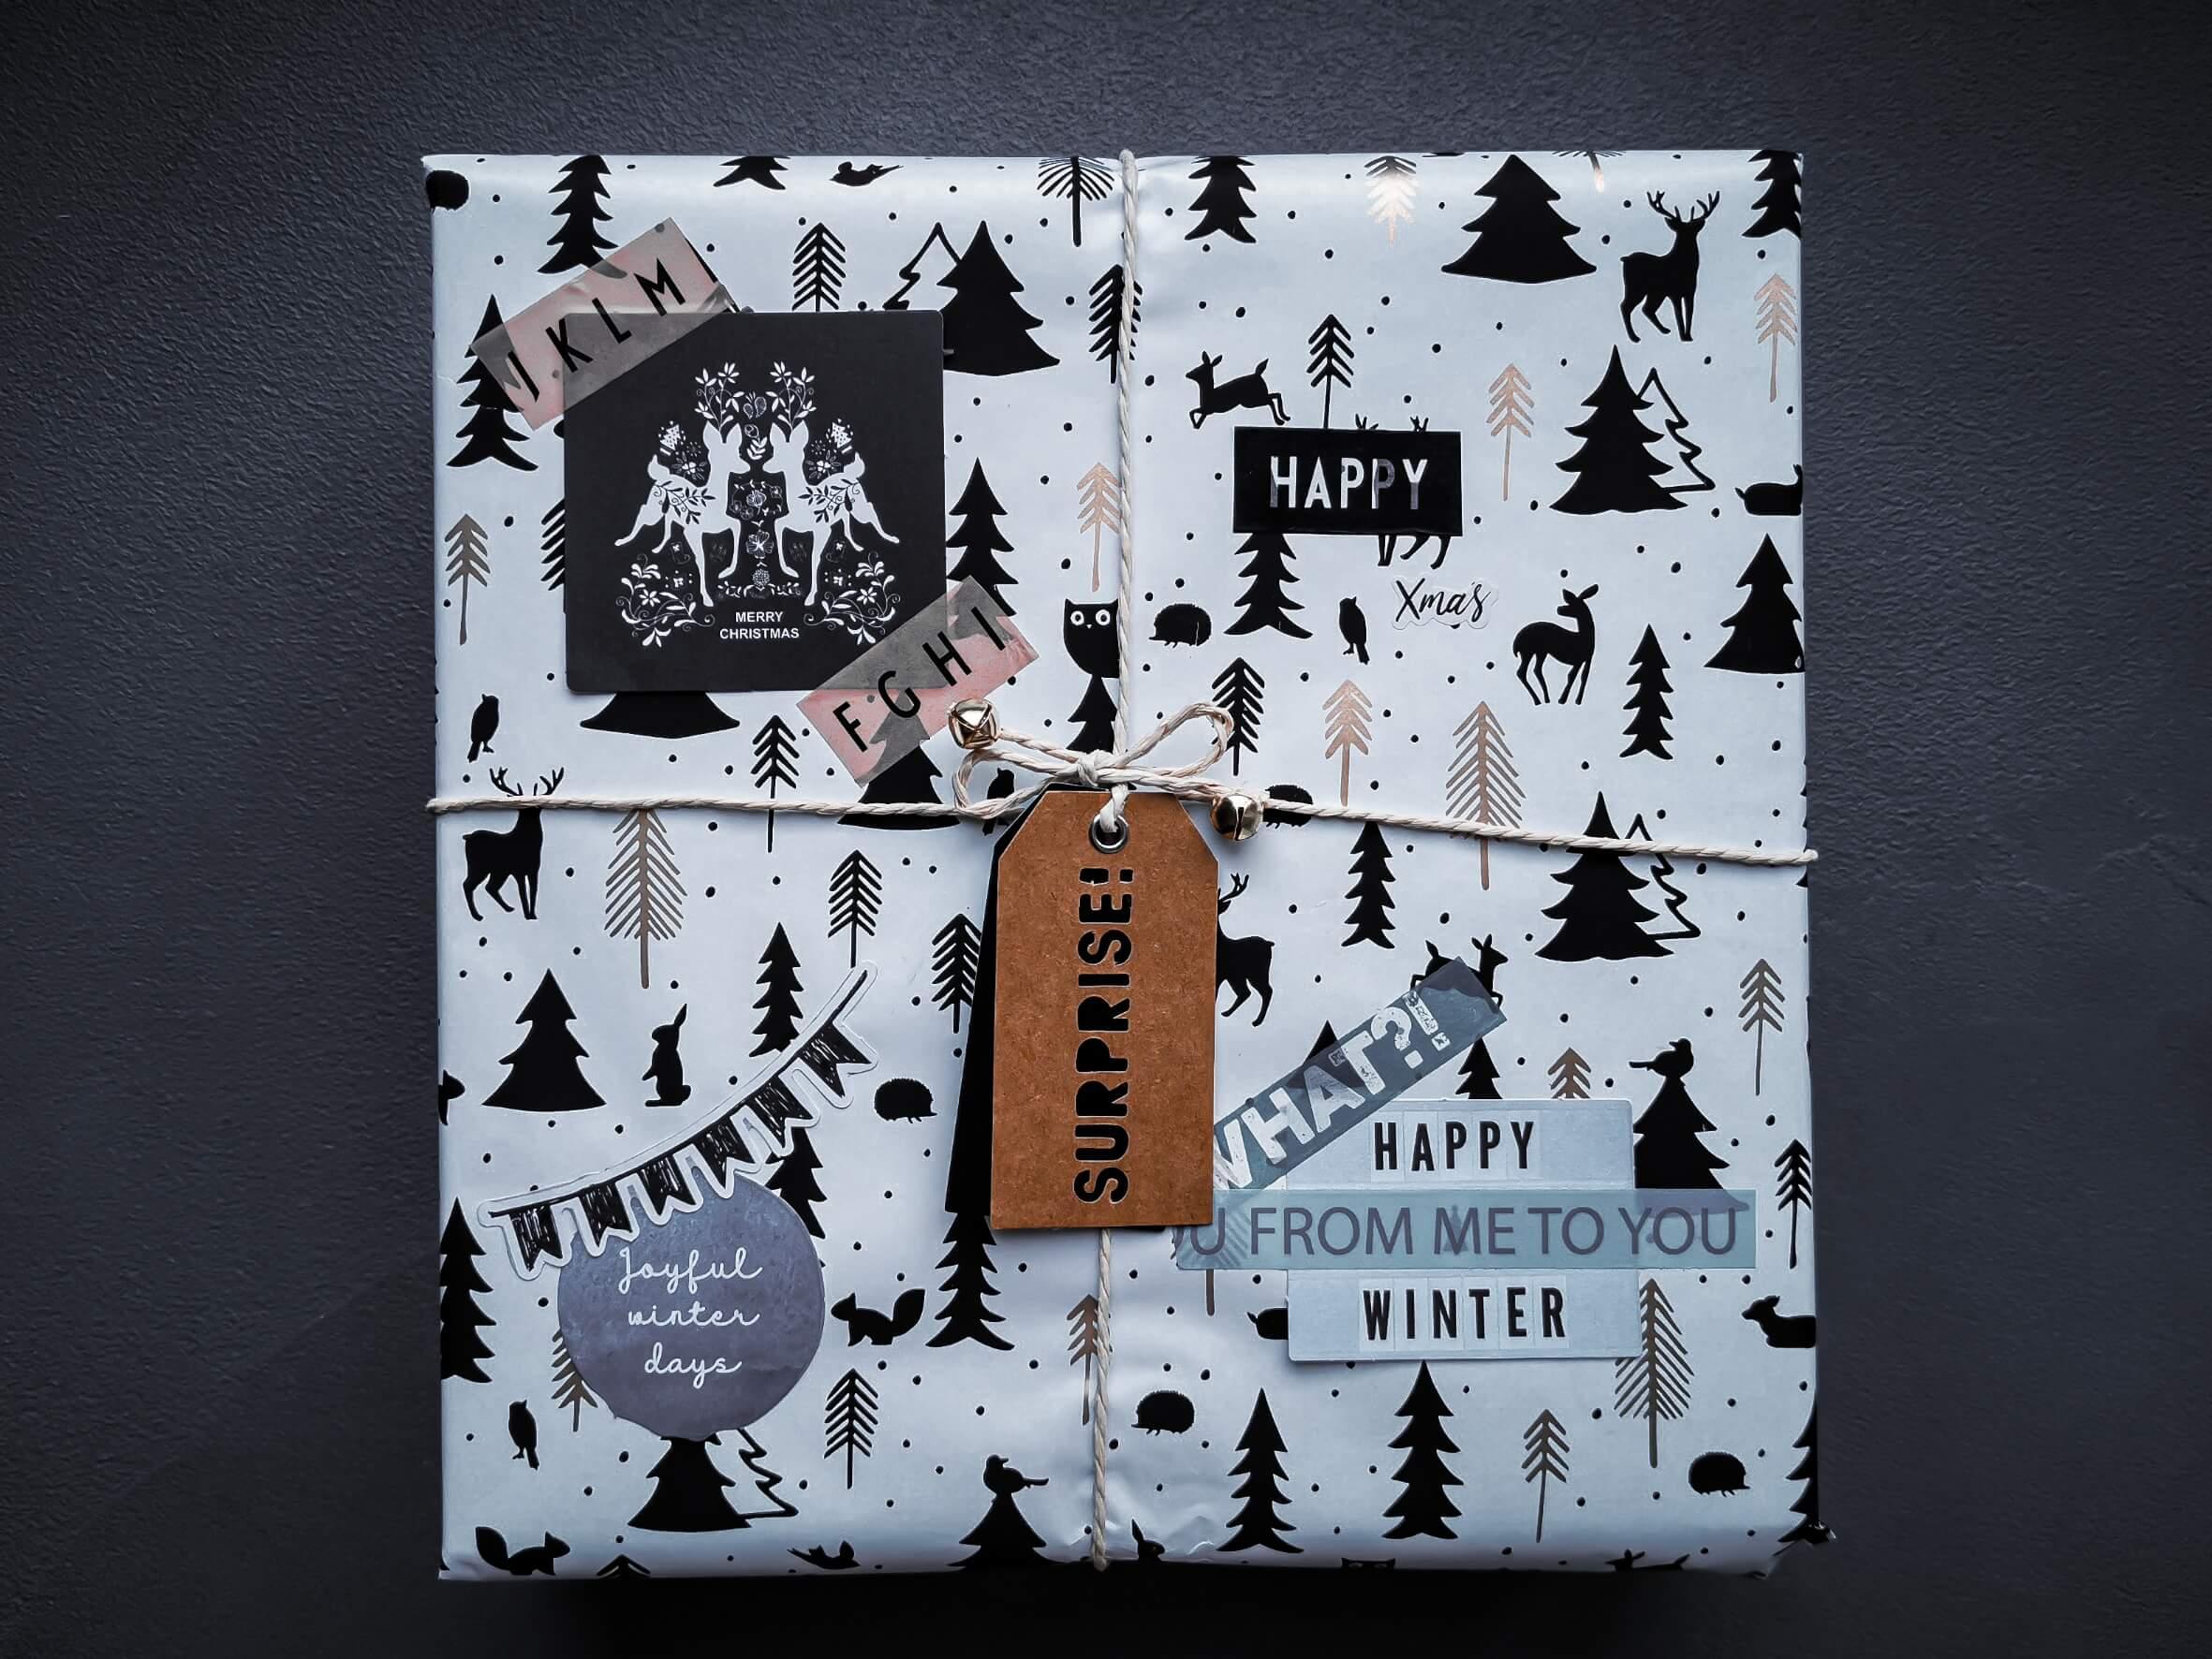 IMG 20191207 113109 resized 20191208 060148878 - 11 tipov ako zabaliť vianočné darčeky originálne a kreatívne